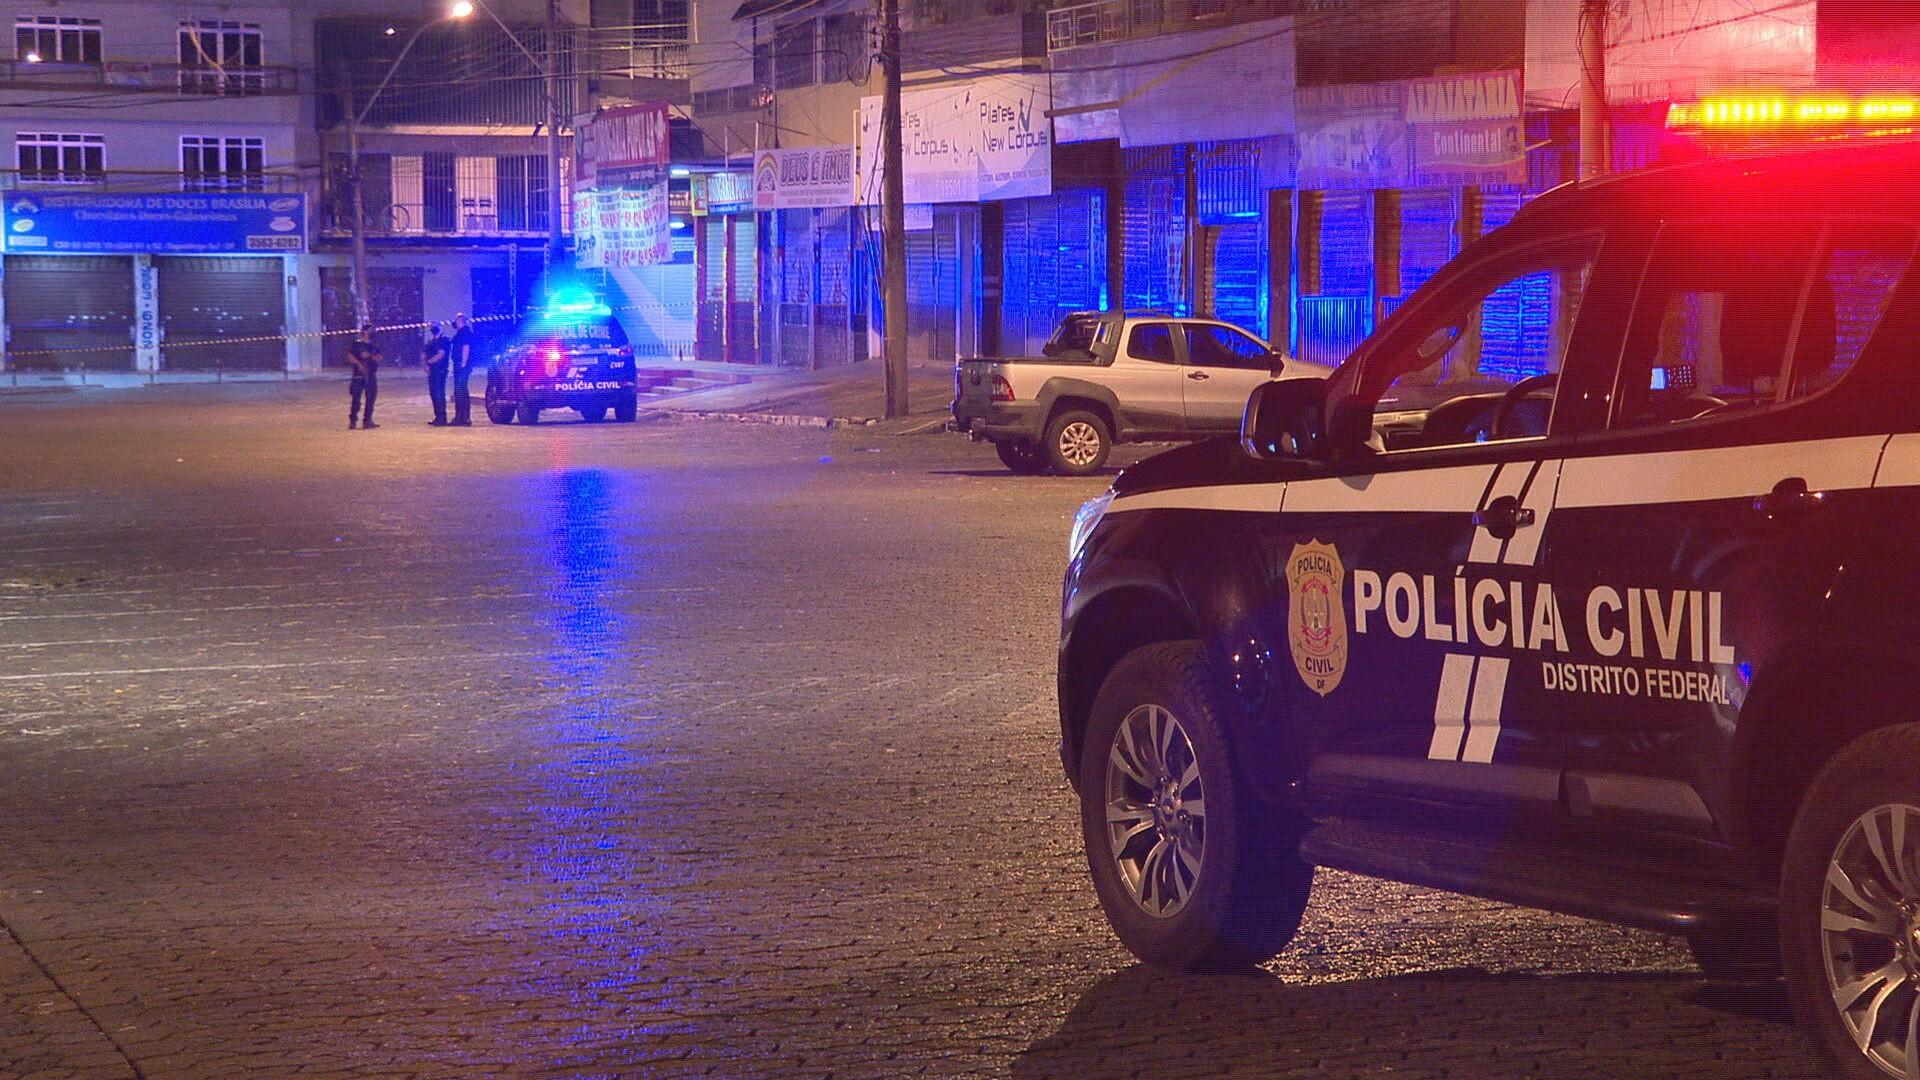 Senado aprova MP que define estrutura básica da Polícia Civil do DF